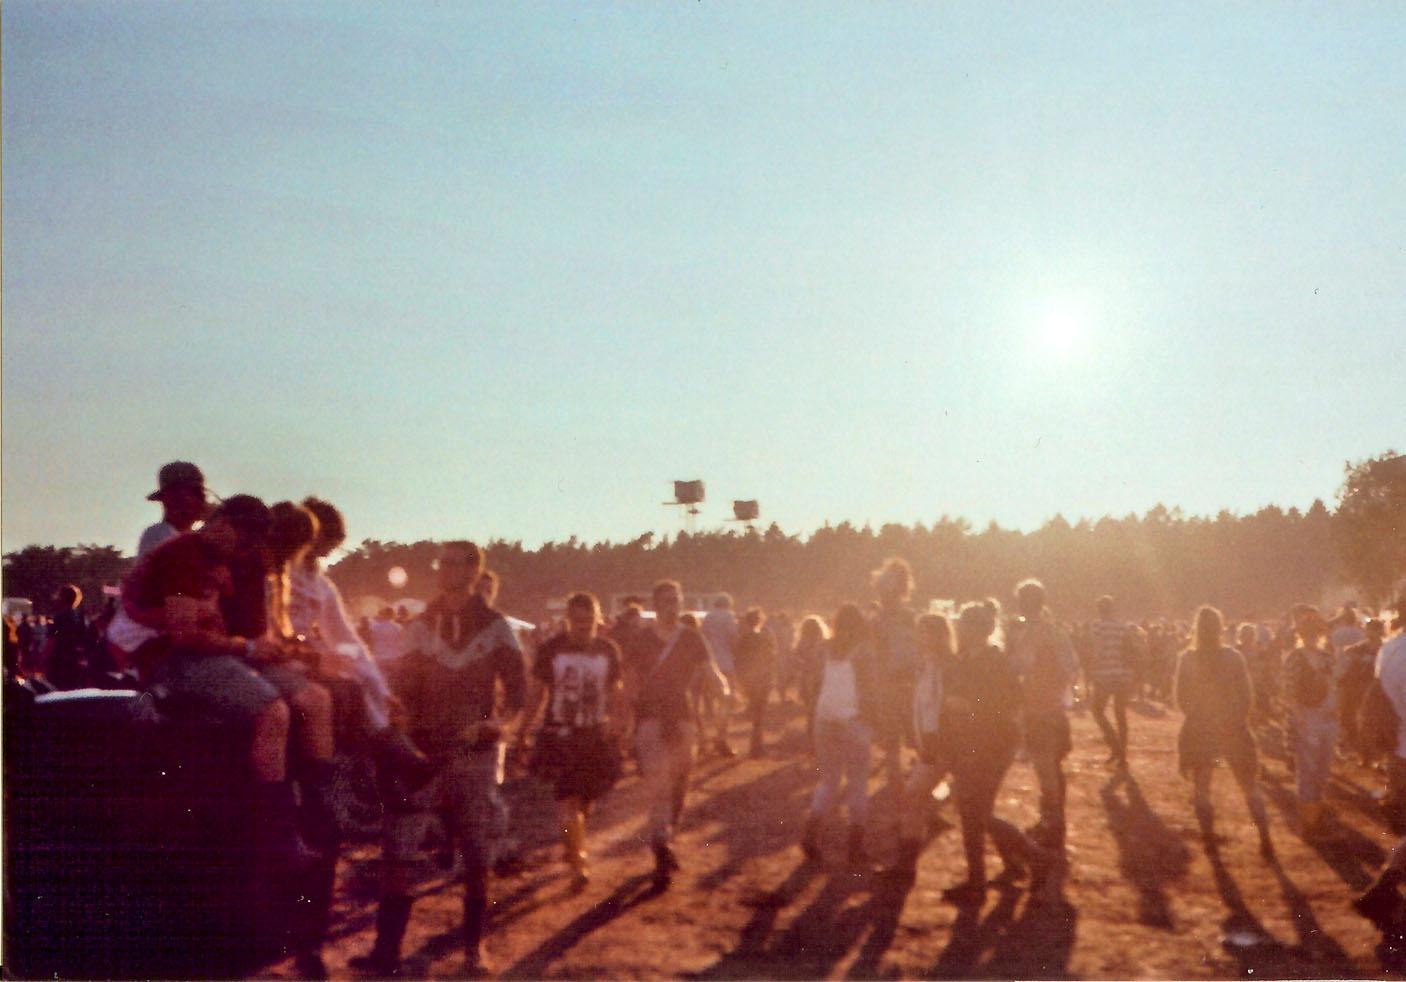 Hurricane-Festival 2016 - Analog - Familie